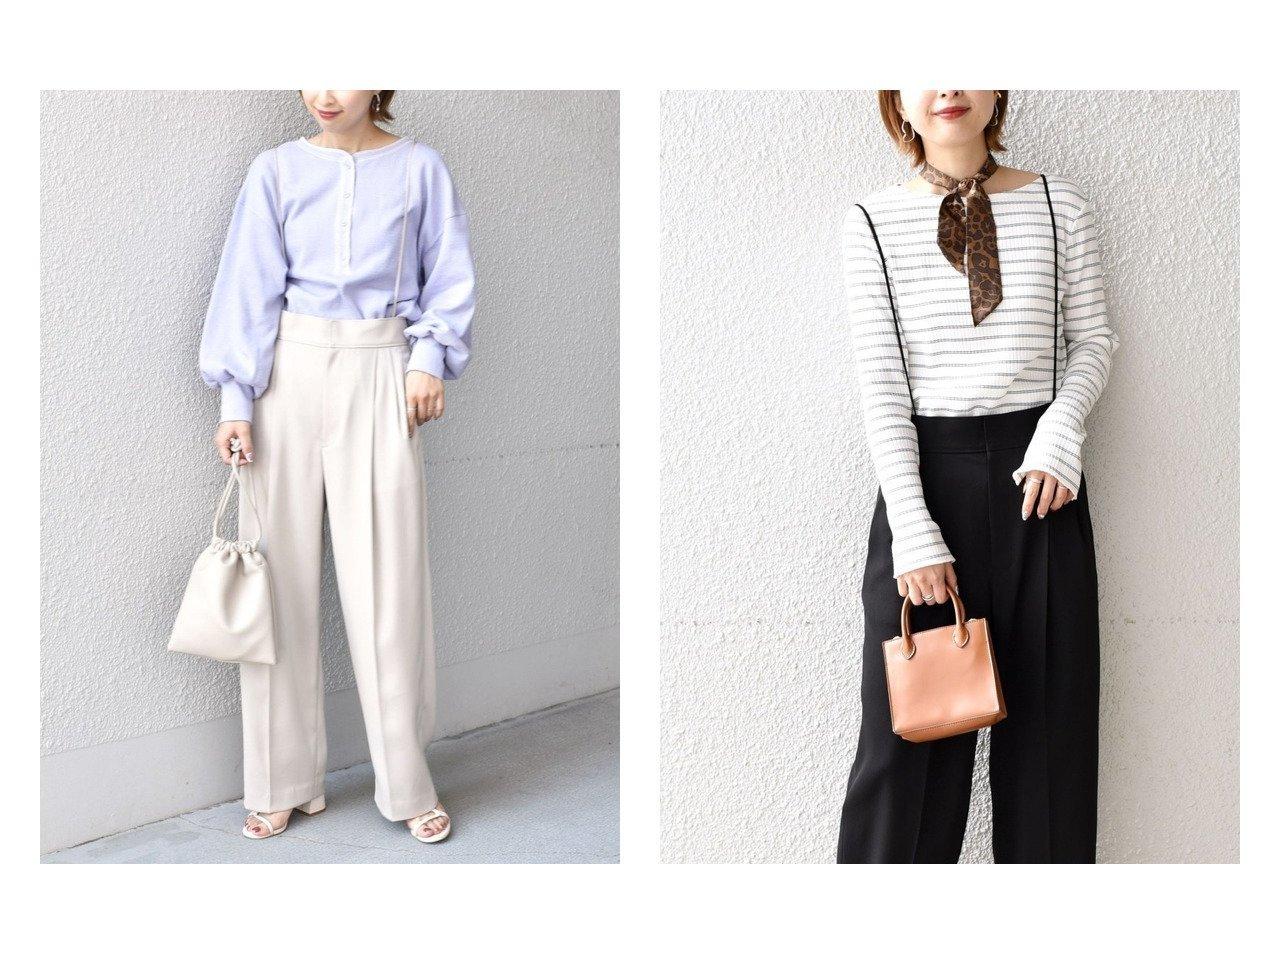 【SHIPS/シップス フォー ウィメン】のサスペンダーパンツ パンツのおすすめ!人気、トレンド・レディースファッションの通販 おすすめで人気の流行・トレンド、ファッションの通販商品 メンズファッション・キッズファッション・インテリア・家具・レディースファッション・服の通販 founy(ファニー) https://founy.com/ ファッション Fashion レディースファッション WOMEN パンツ Pants NEW・新作・新着・新入荷 New Arrivals サスペンダー ジーンズ 再入荷 Restock/Back in Stock/Re Arrival |ID:crp329100000012409